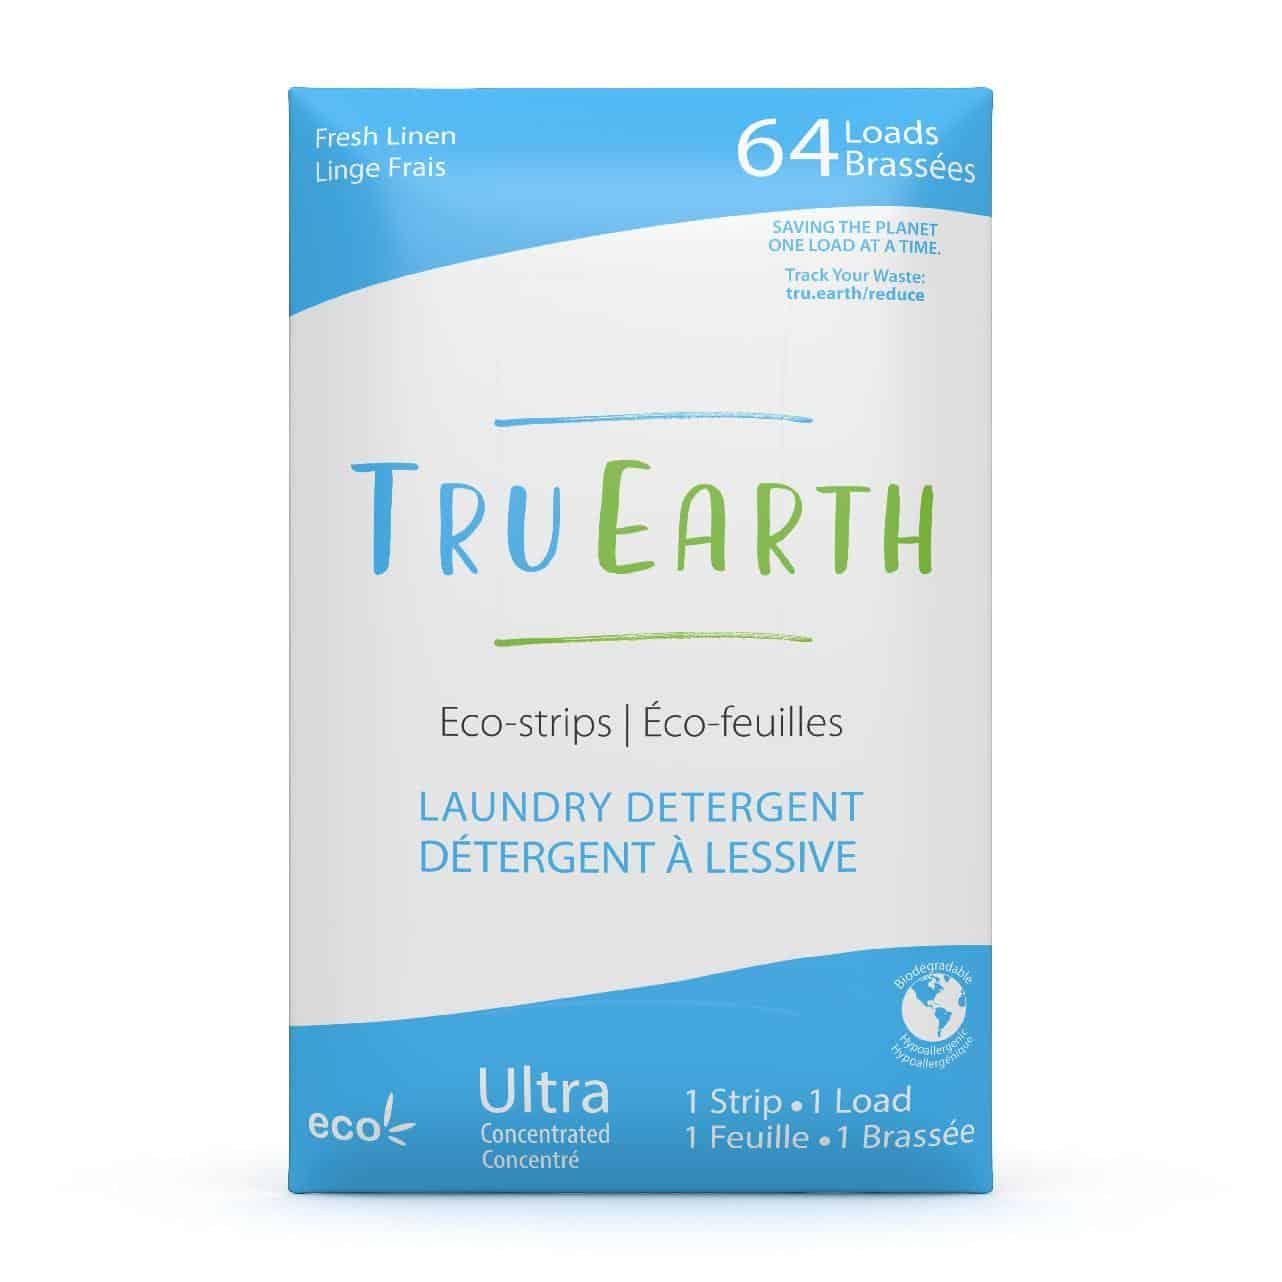 Tru Earth - Tru Earth Eco-strips Laundry Detergent (Fresh Linen) – 64 Loads | NOW: $35.95